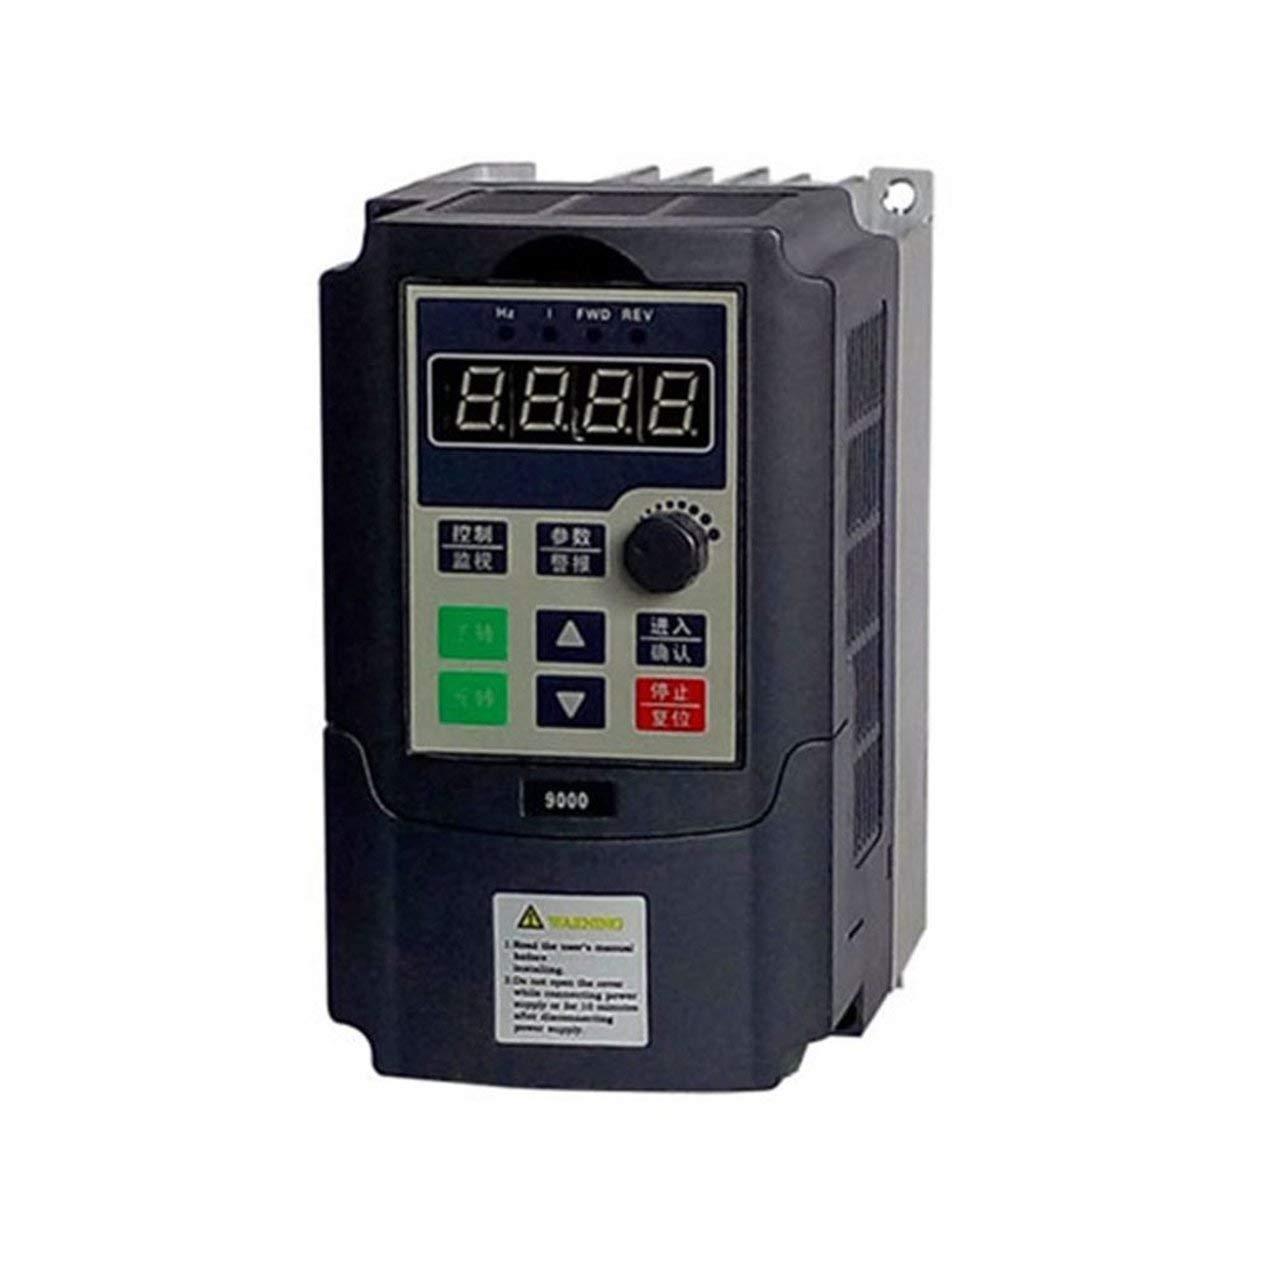 Mini Tragbare 0.75kw-G 220 V Einphasig Frequenzumrichter 220 V 3 Phasen Ausgang Frequenzumrichter Built-in Timer Jasnyfall